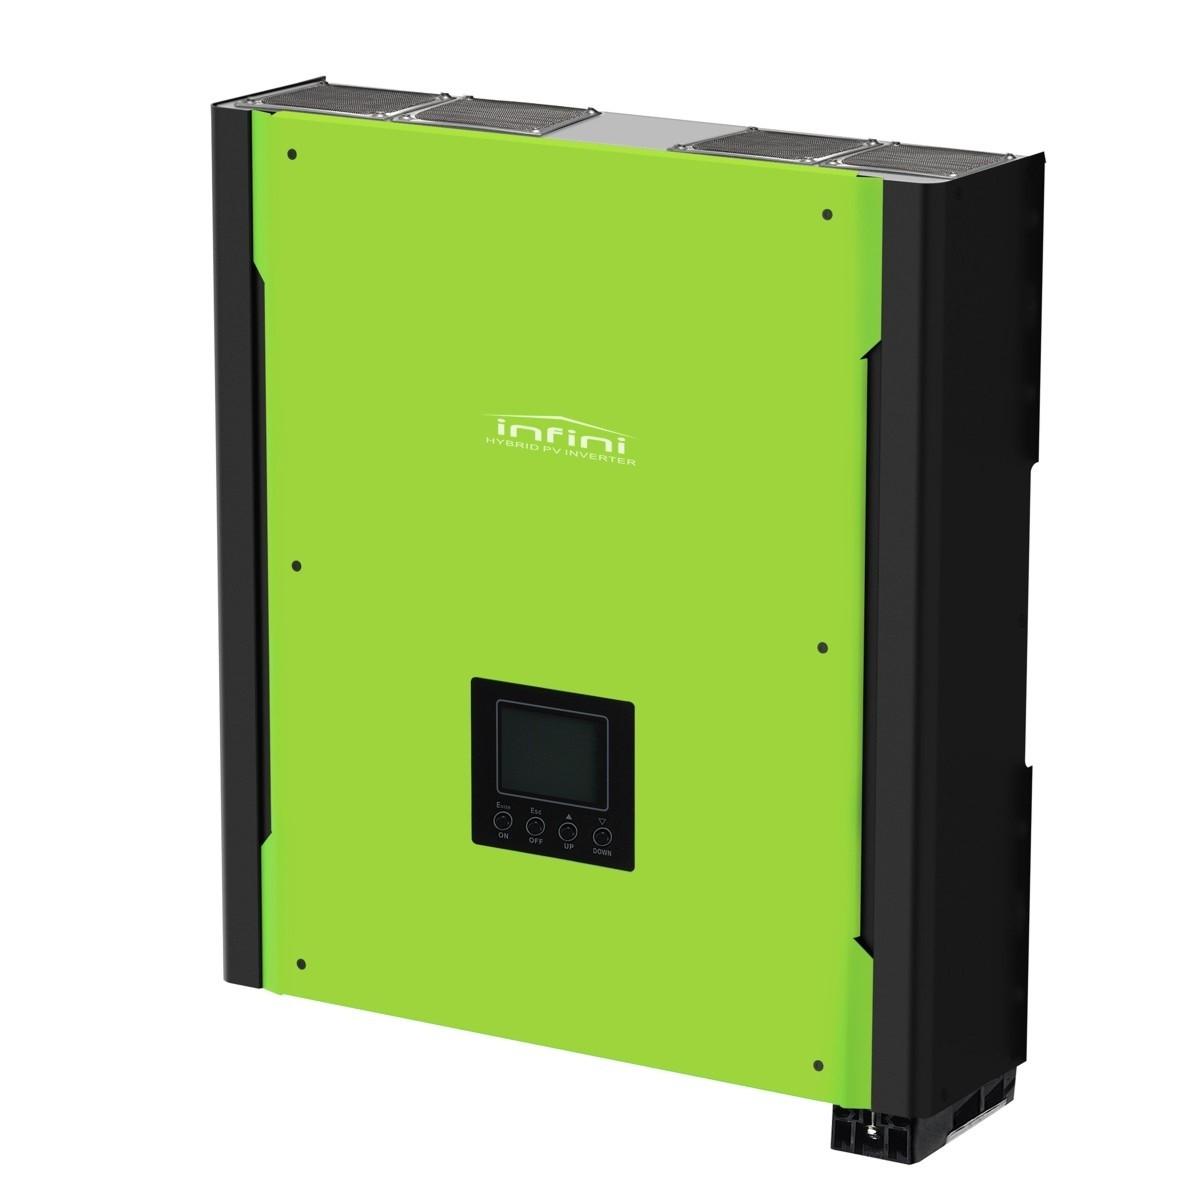 Инвертор InfiniSolar 10KW, 10 кВт